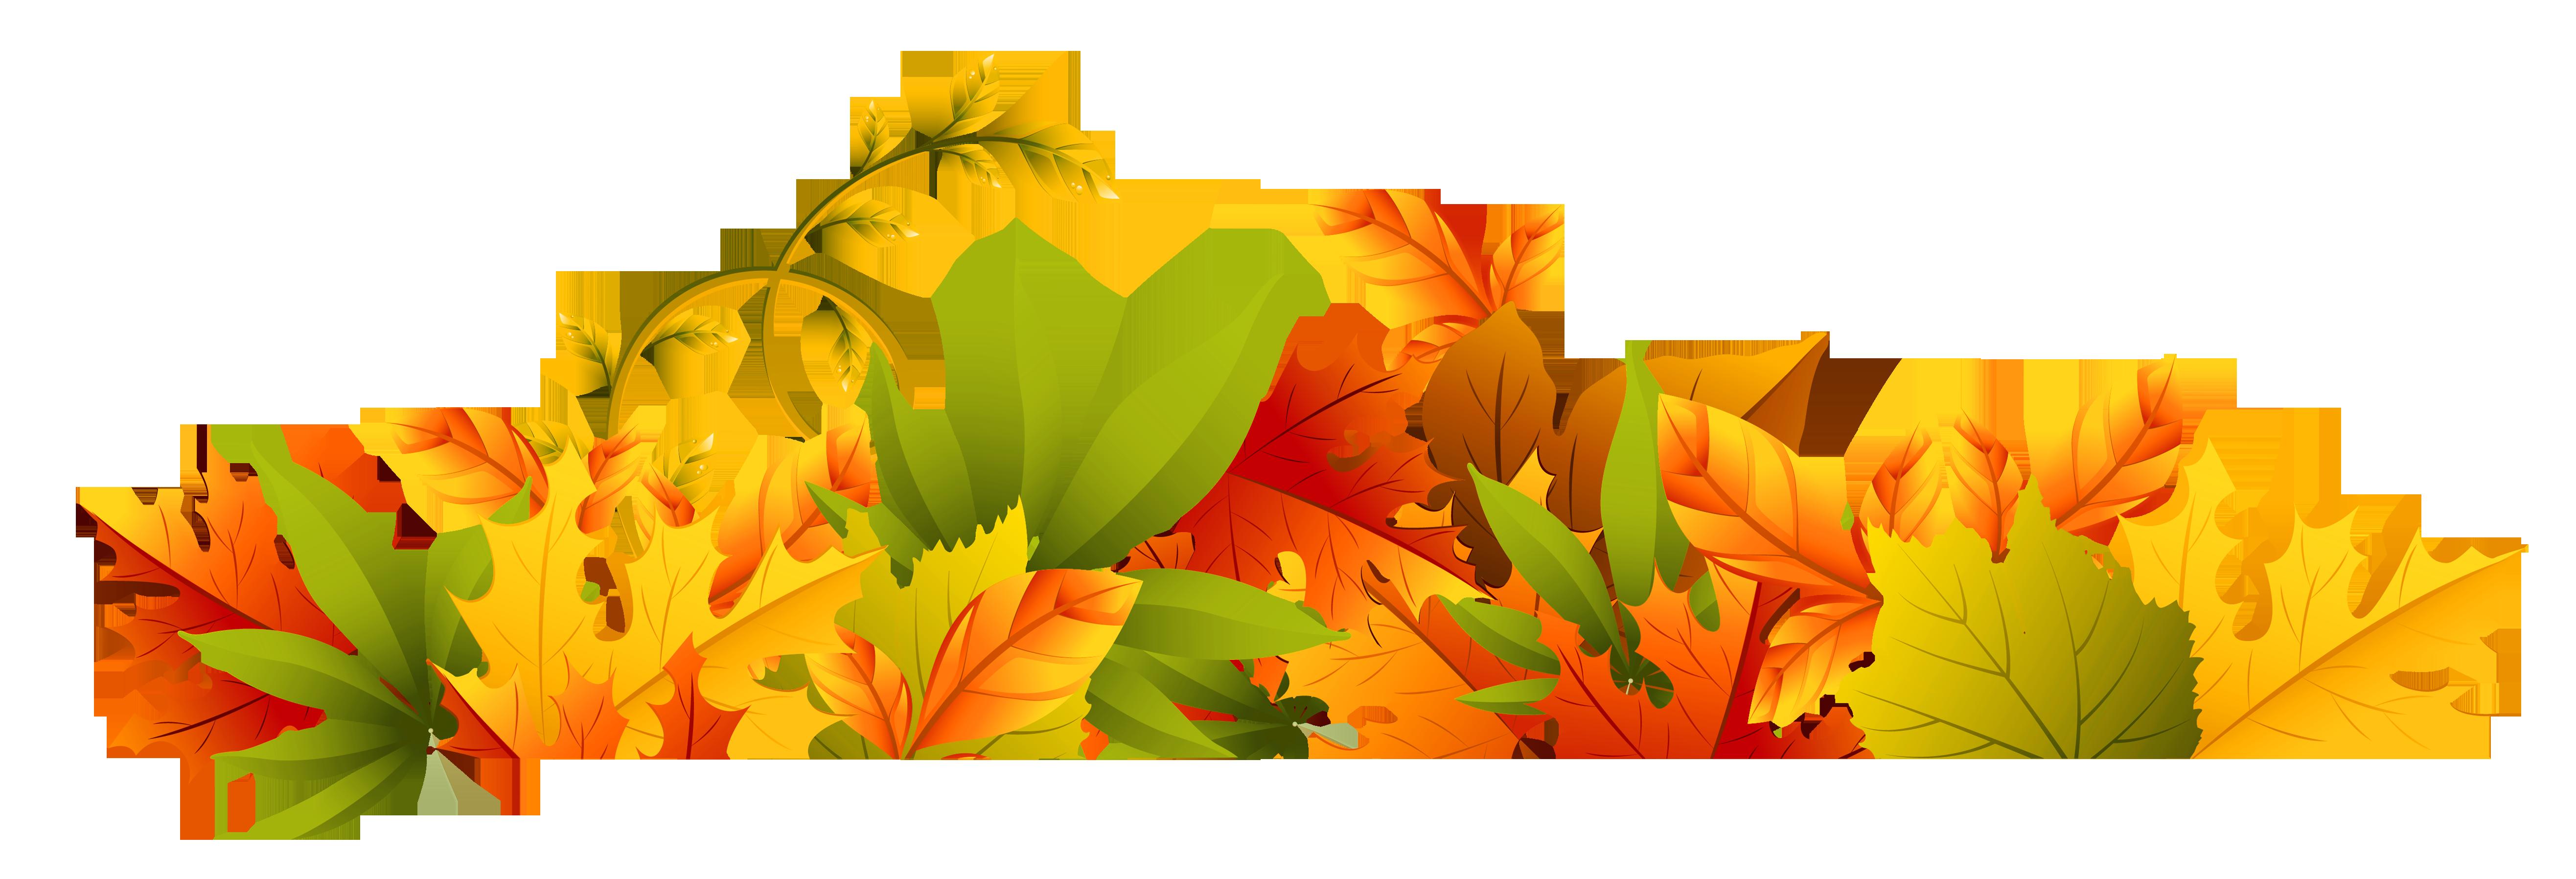 Fall Clip Art--2